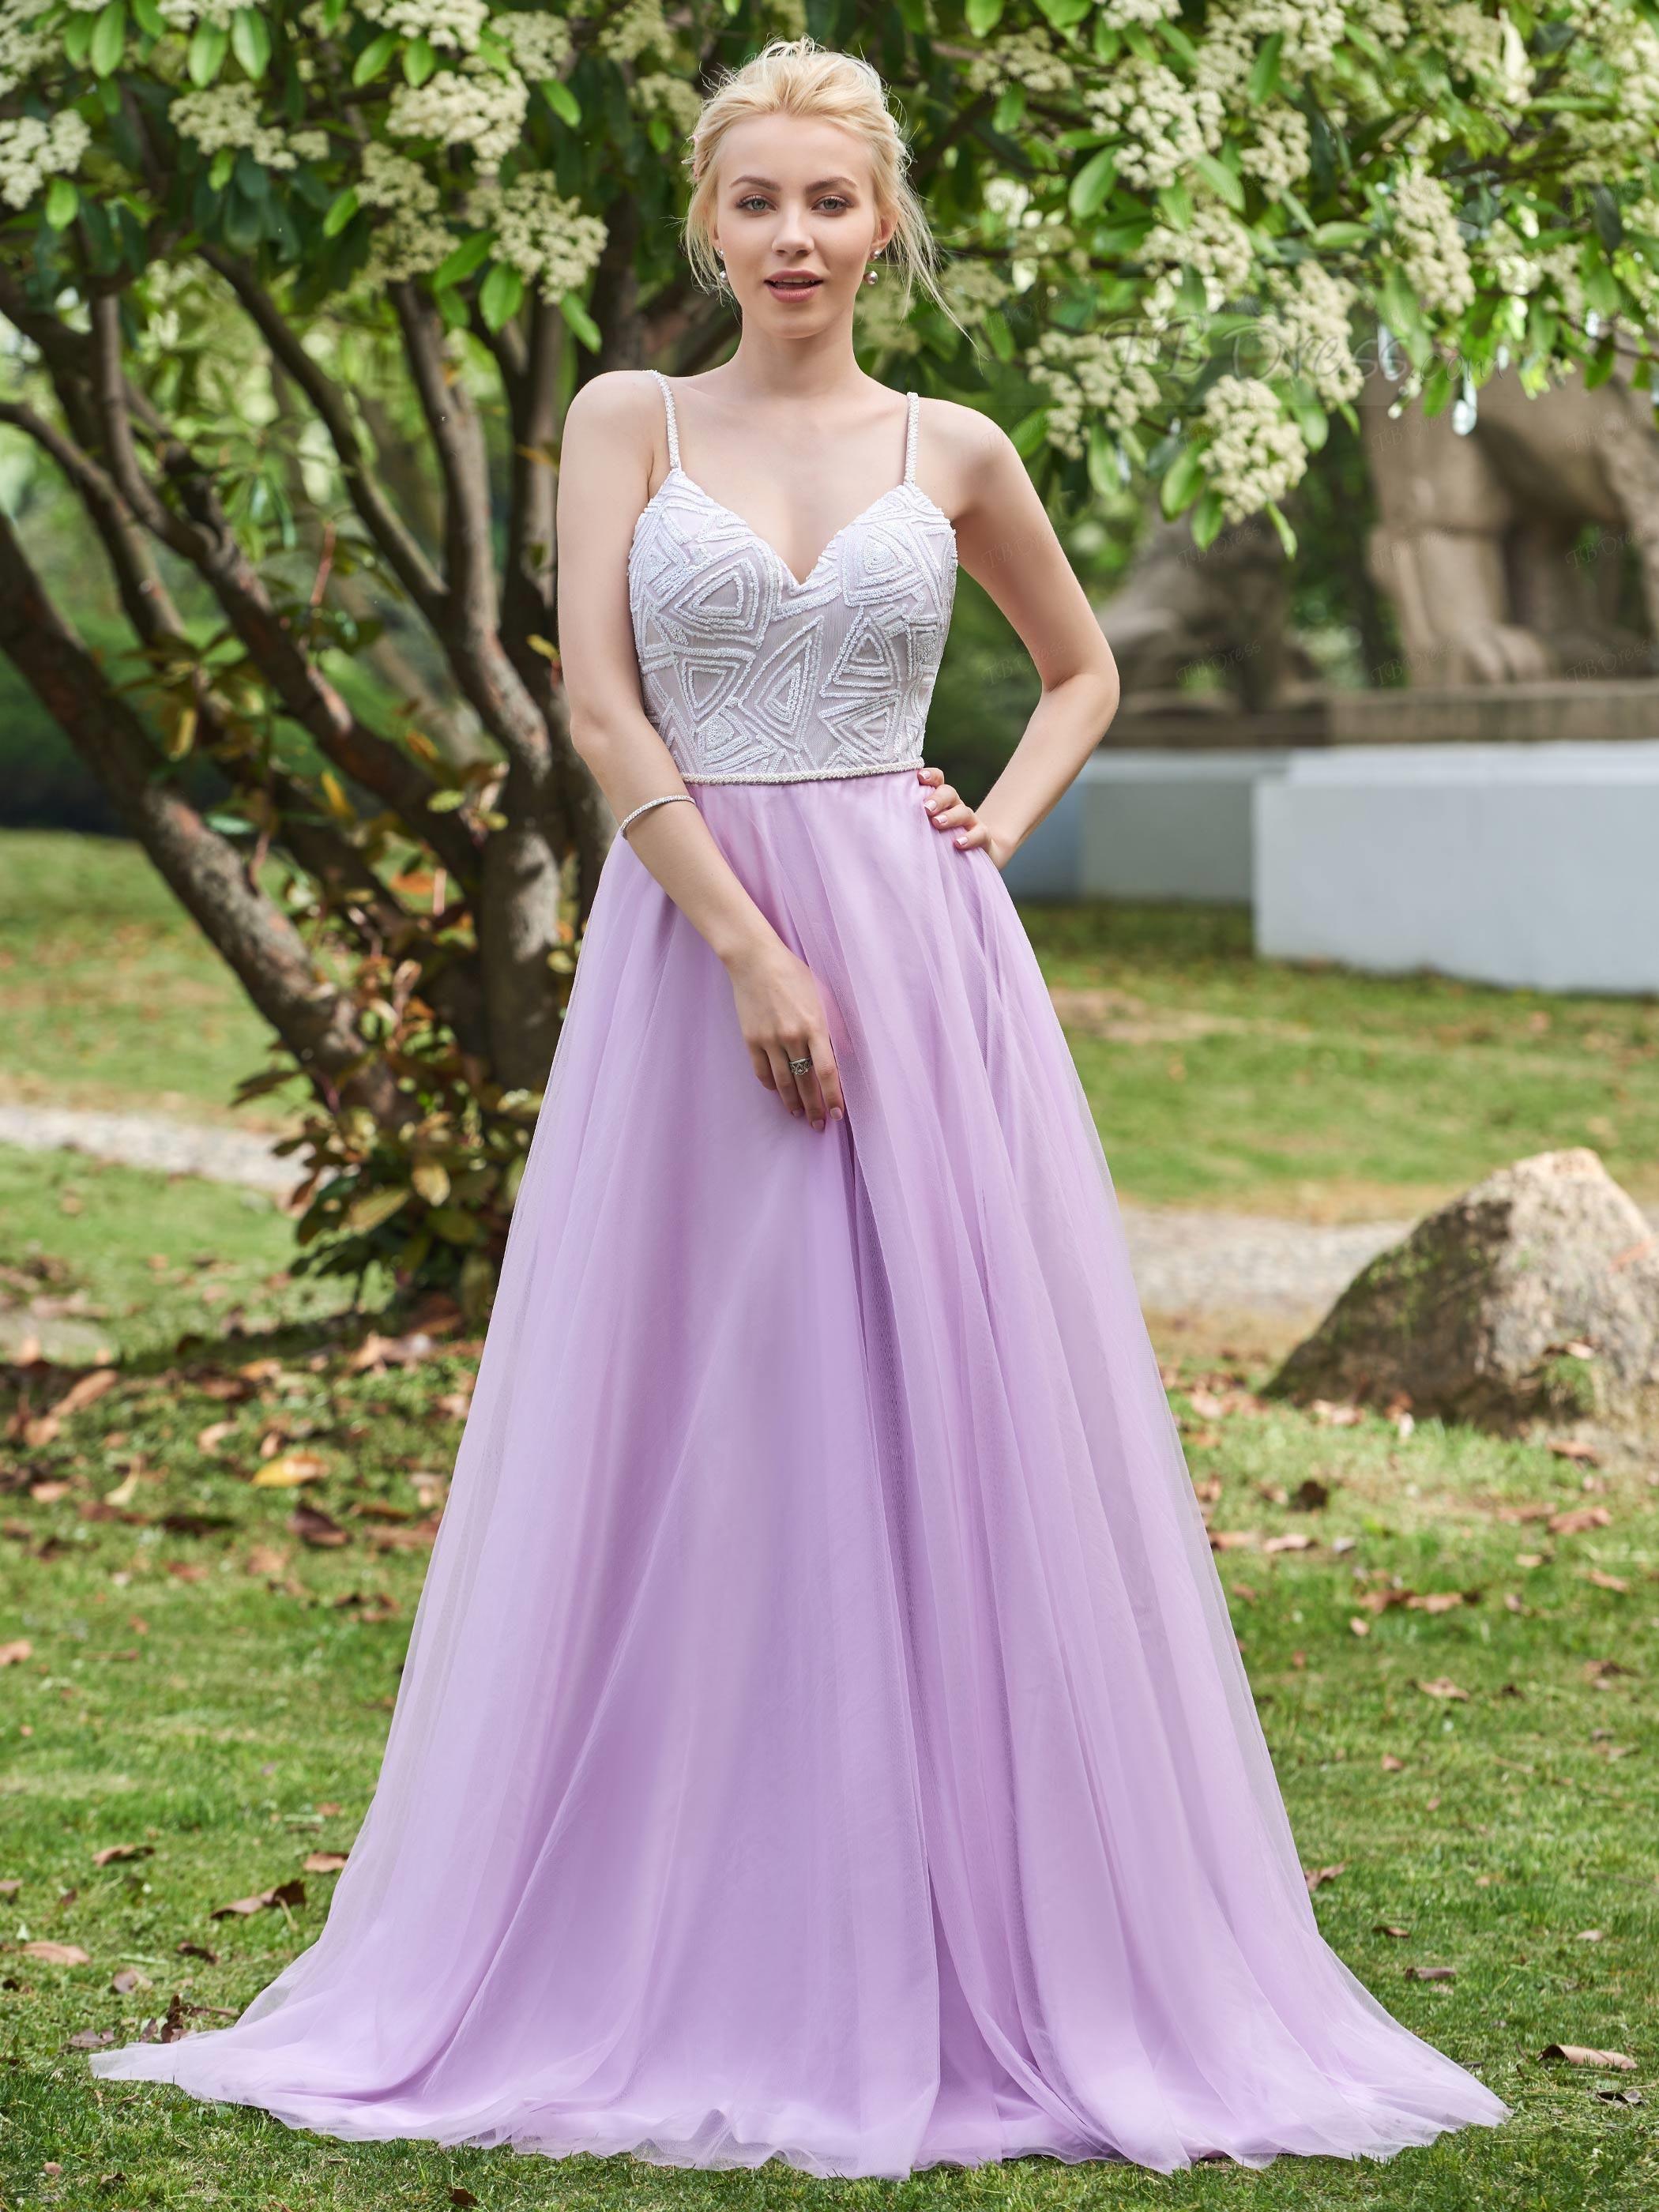 Pin de Deanna Als en Bridesmaid Dresses   Pinterest